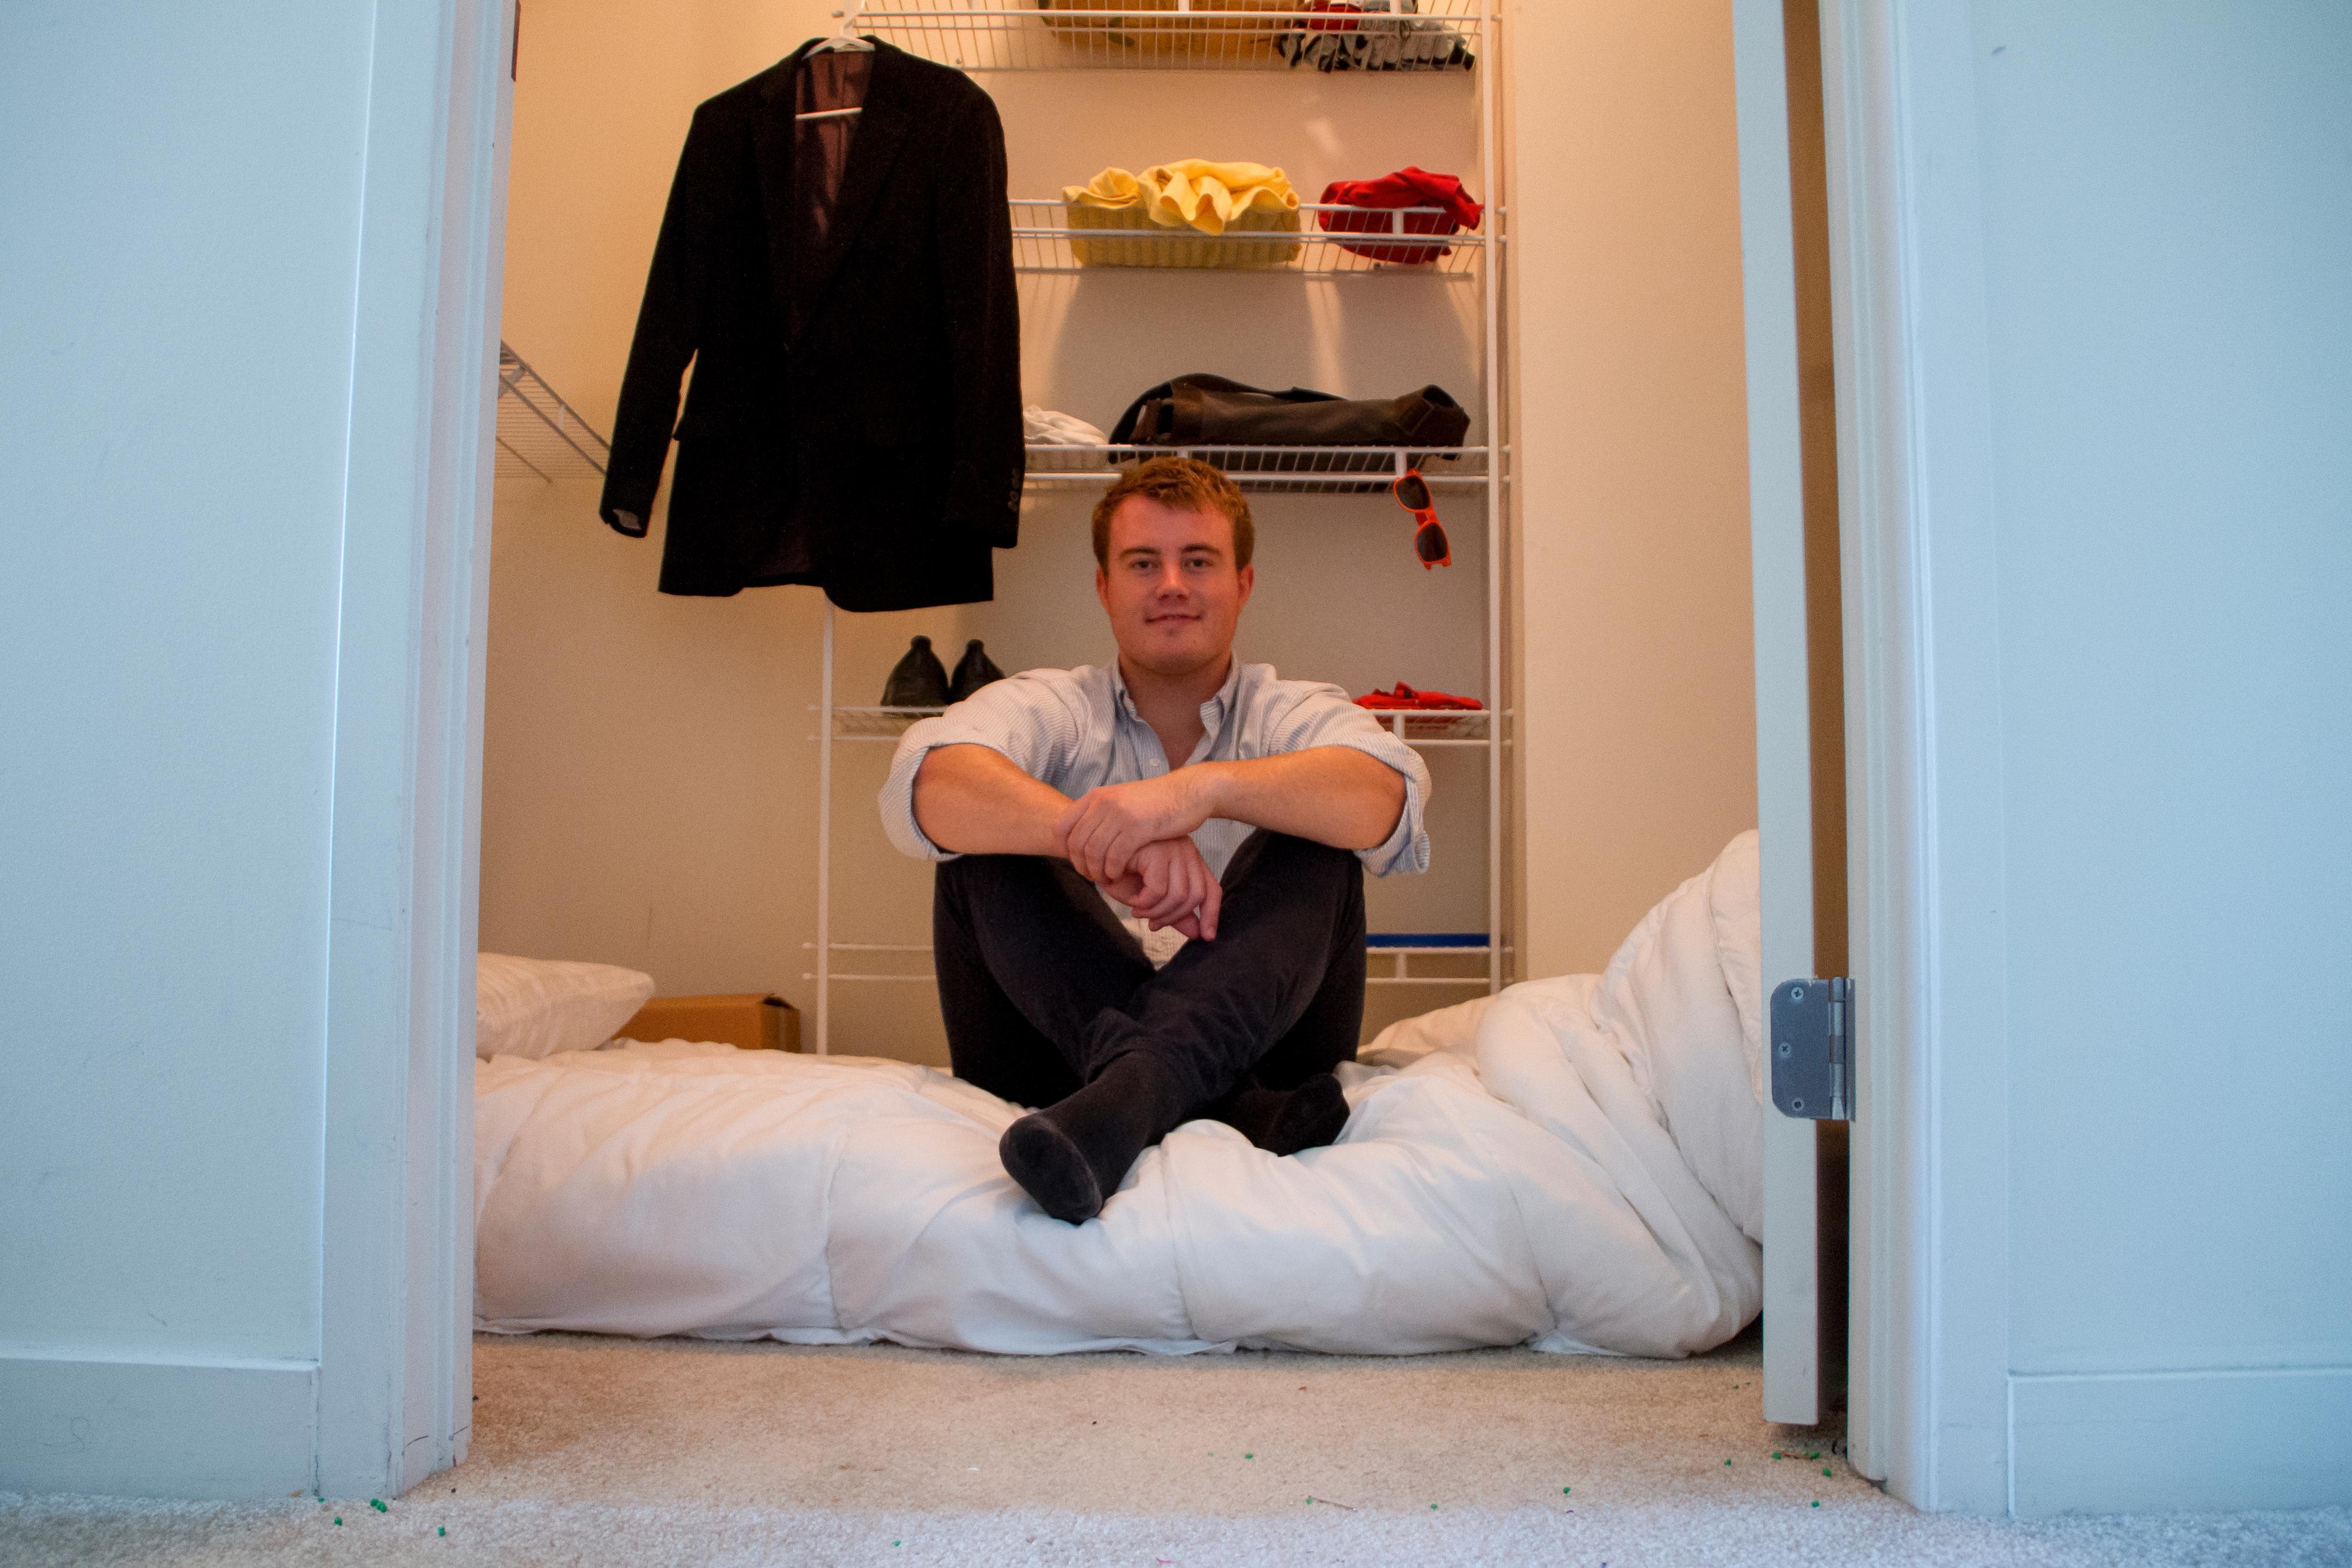 Mathias Mikkelsen sover i garderobeskapet. – Det er perfekt! Et sted å sove, rikelig med kleshengere, og en haug av like sultne og motiverte gründere rett utenfor soveromsdøra. Det ideelle stedet å gjøre en drøm til virkelighet, konkluderer han.Foto: Timely/Ed Moyse